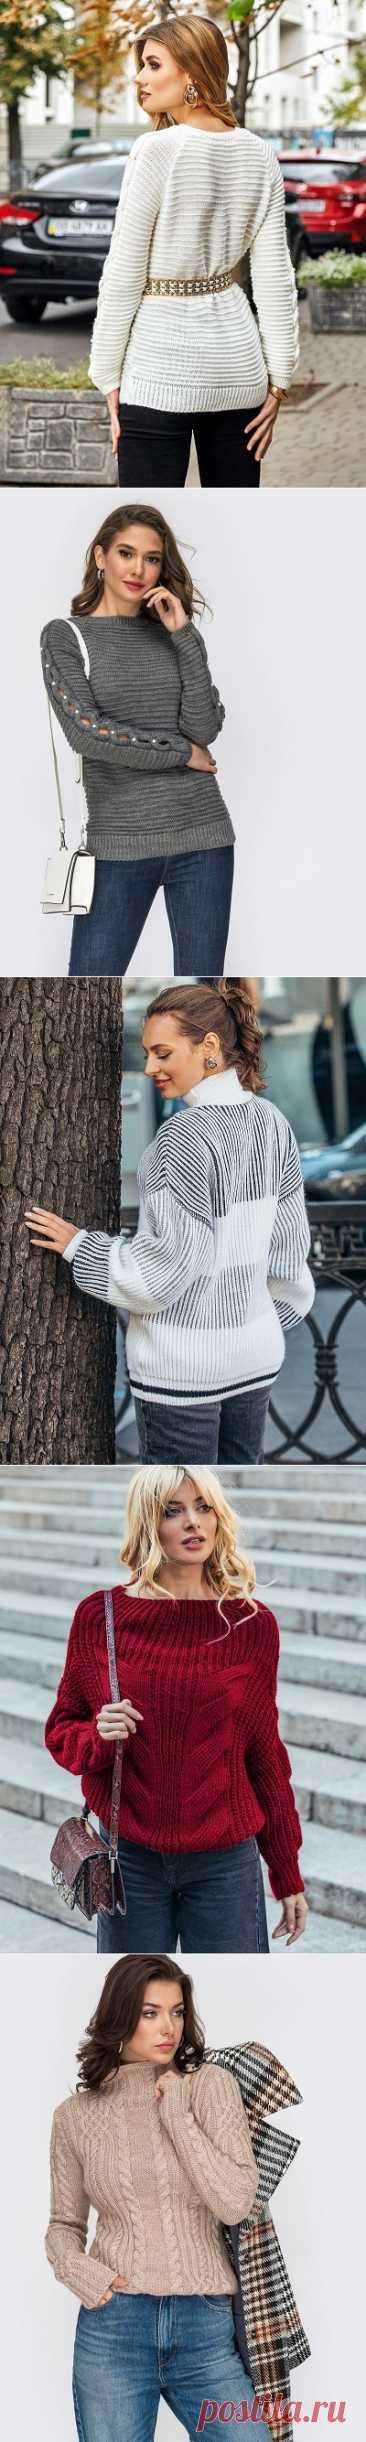 Стильные женские свитера DRESSA КОМФОРТ И СТИЛЬ В ОДНОМ ФЛАКОНЕ! Стильные свитера DRESSA будут отличным обновлением вашего гардероба. Выполнены из мягкого и приятного к телу материала.  Изделия отвязываются по контуру и проходят проверку качества. Создают очень нежный и теплый образ, а также красиво смотрятся на девушках и женщинах любого возраста. Люди во всем мире выбирают наши свитера за элегантность и непревзойденное качество!